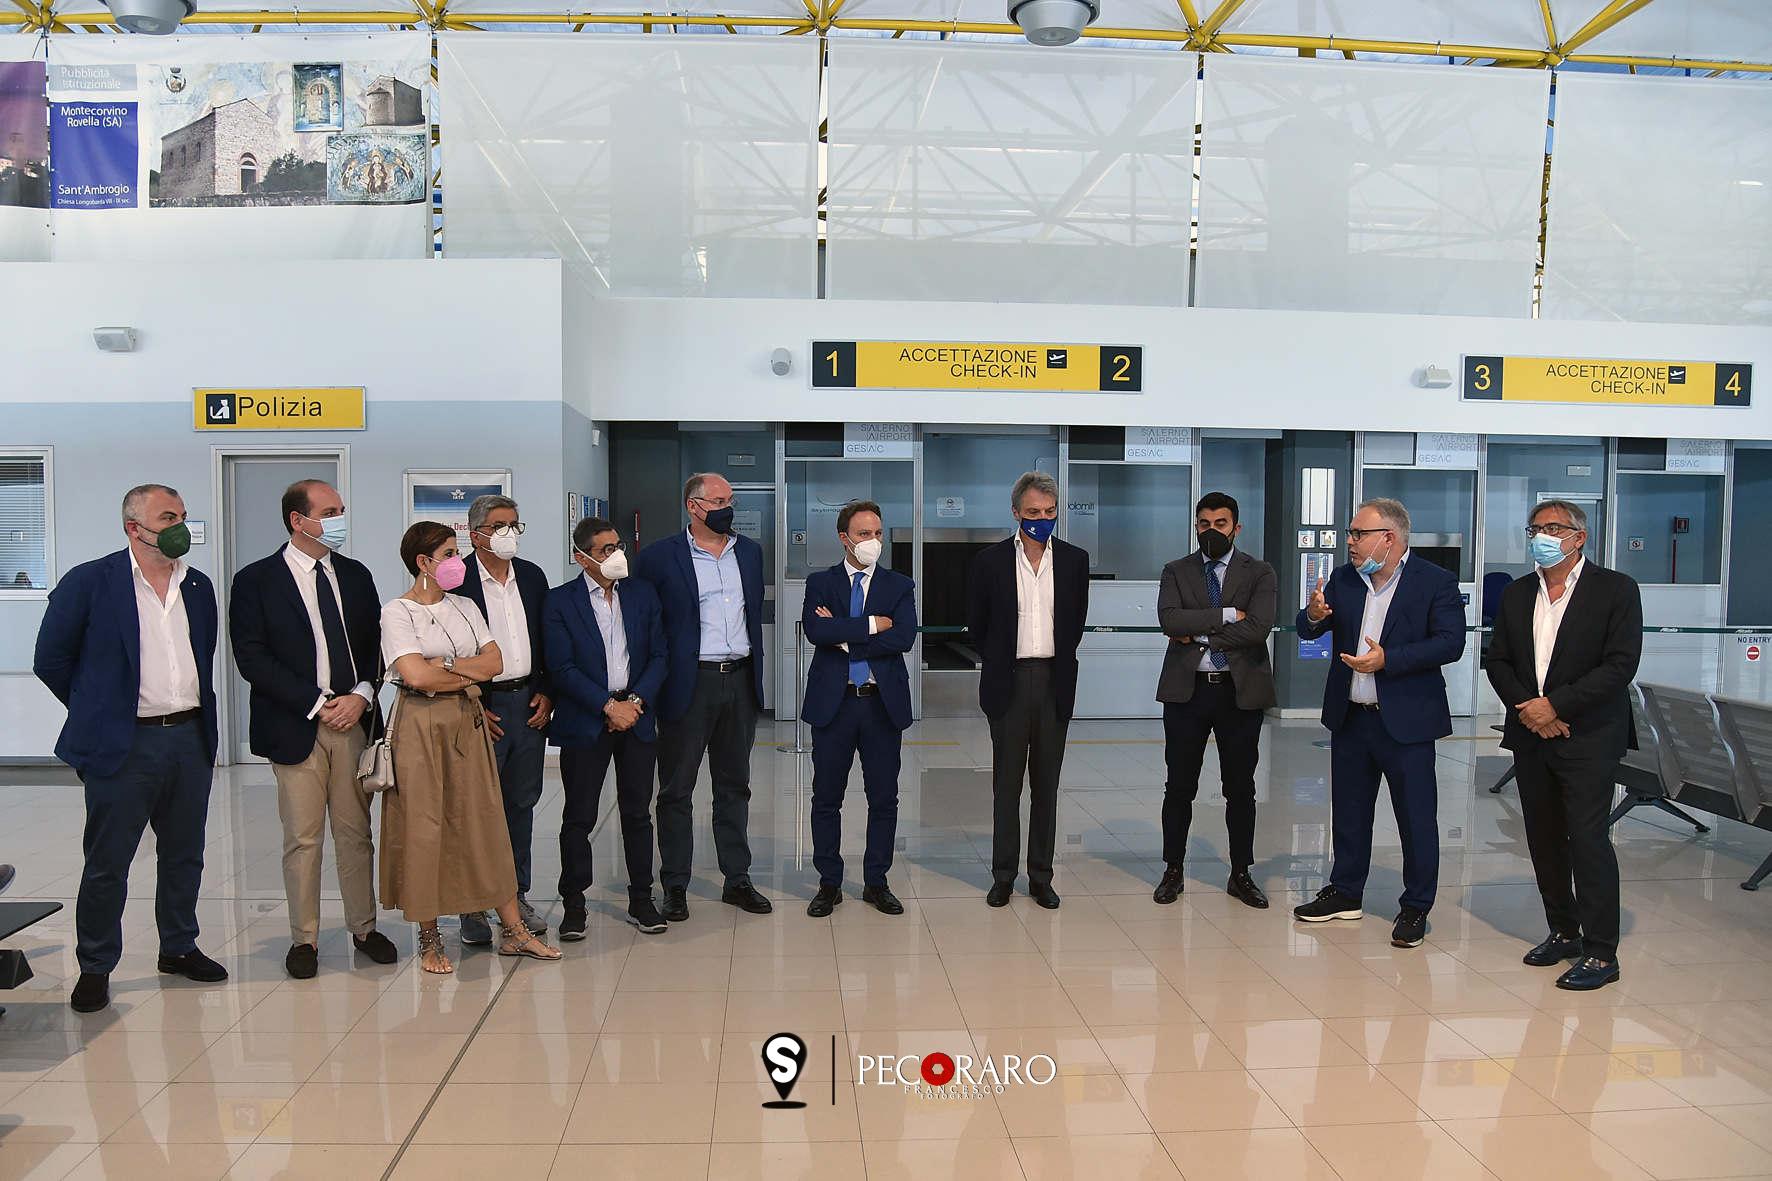 ConferenzaAeroporto (4)